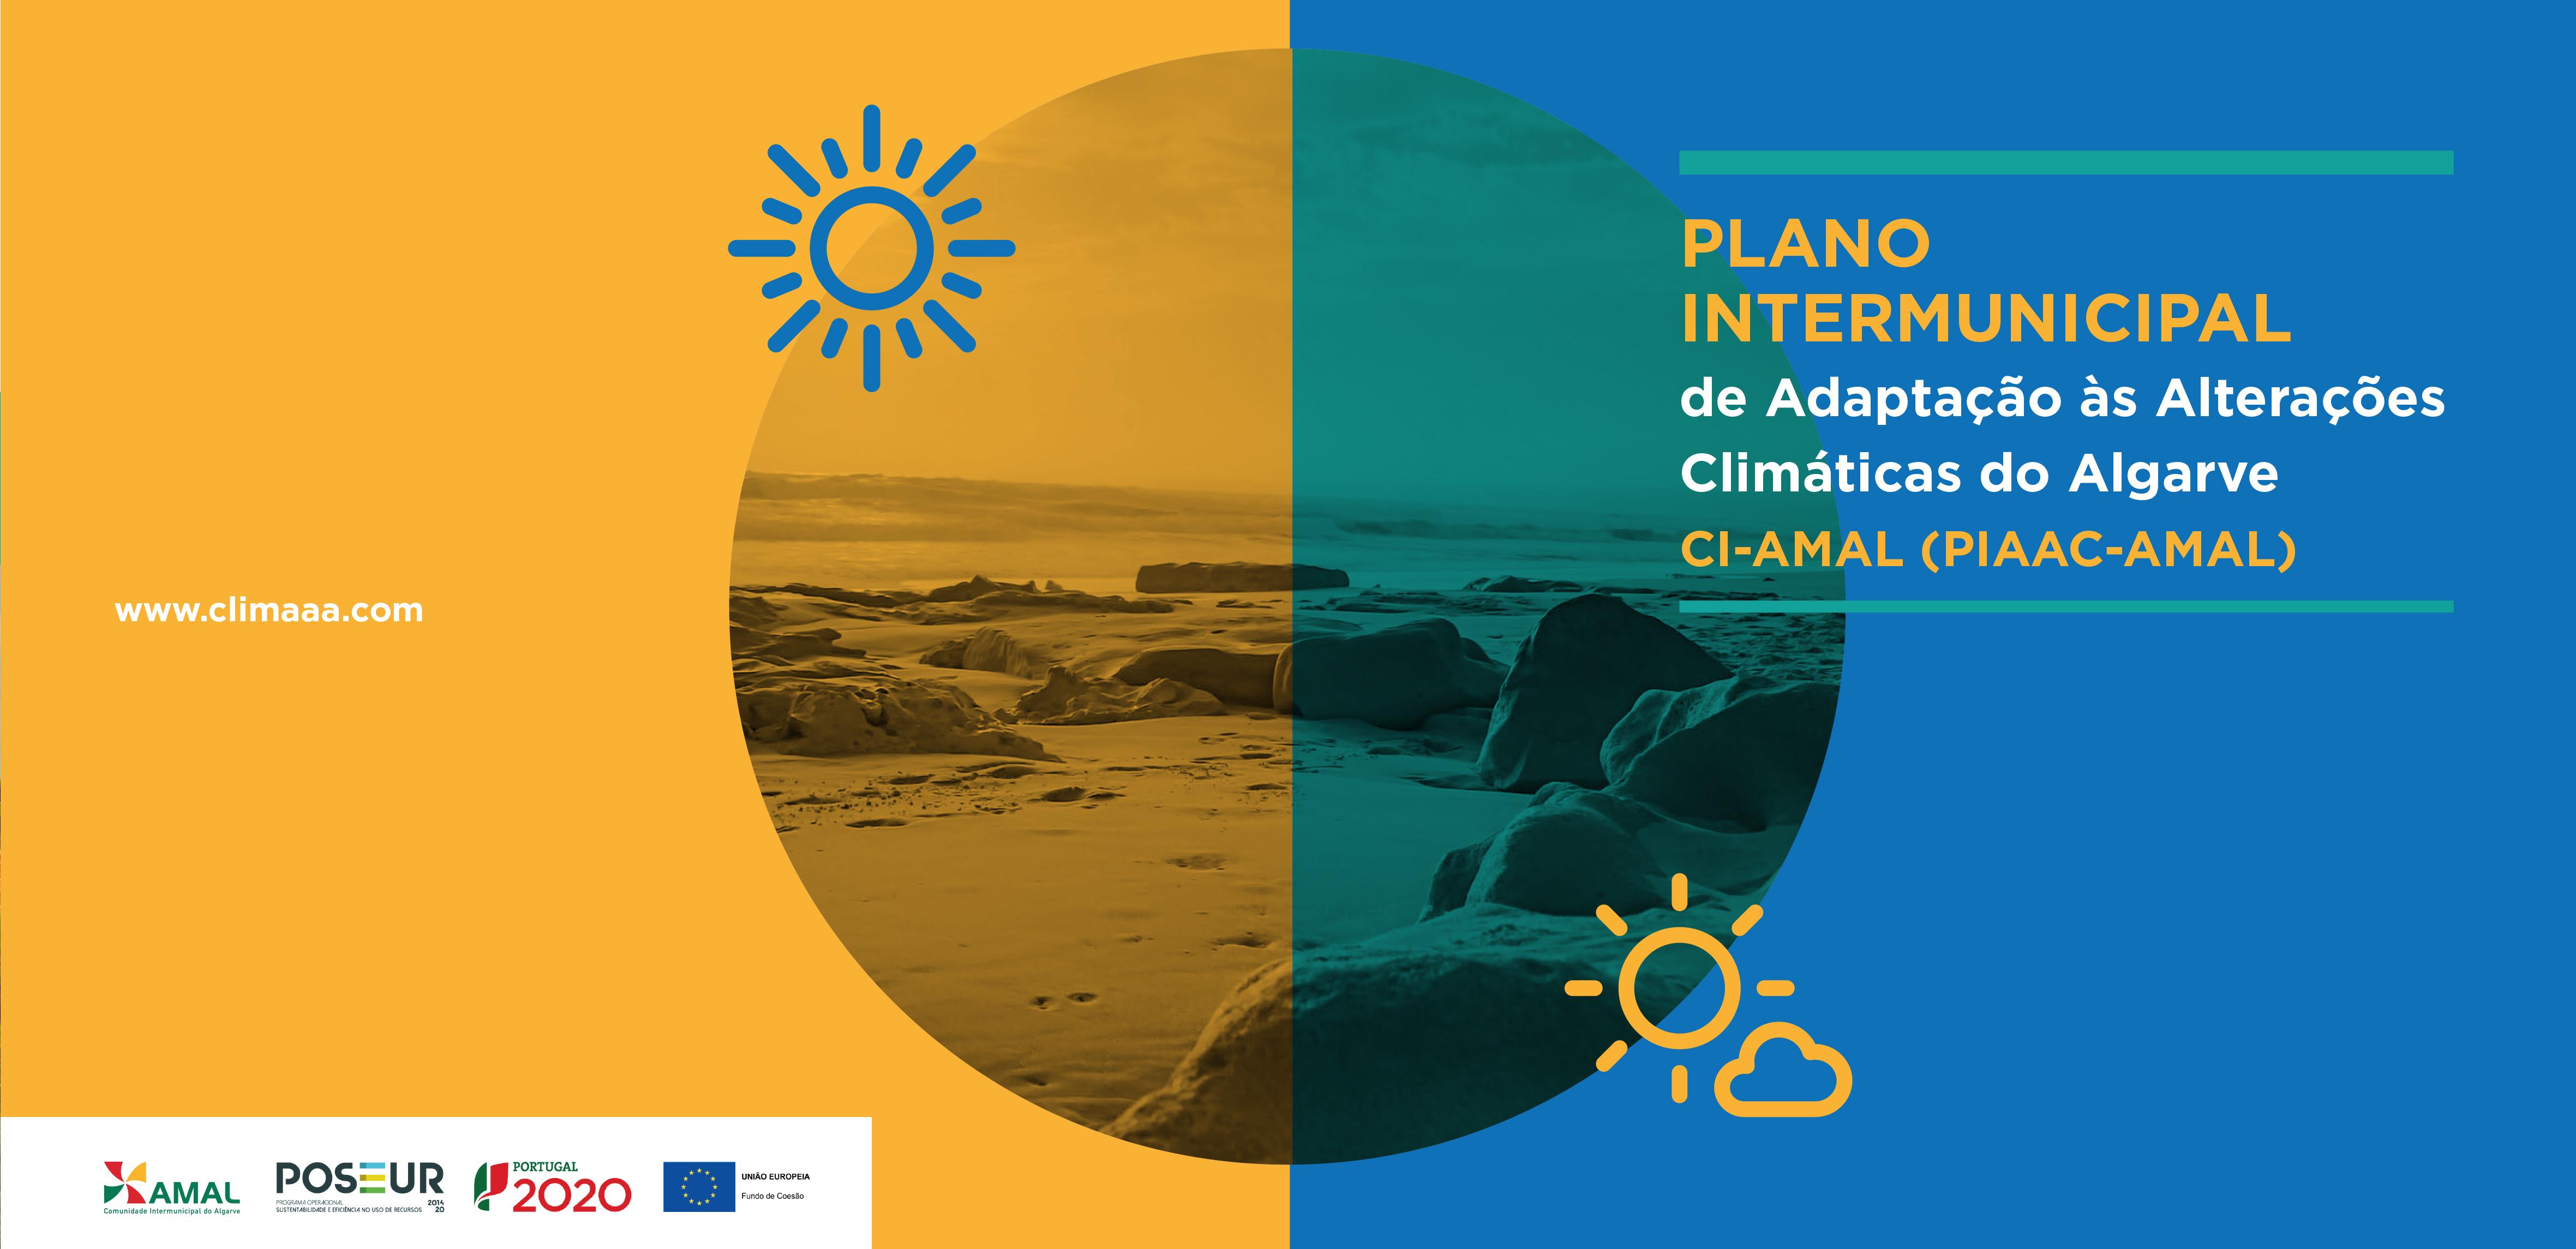 cartaz da exposição da amal sobre as alterações climáticas